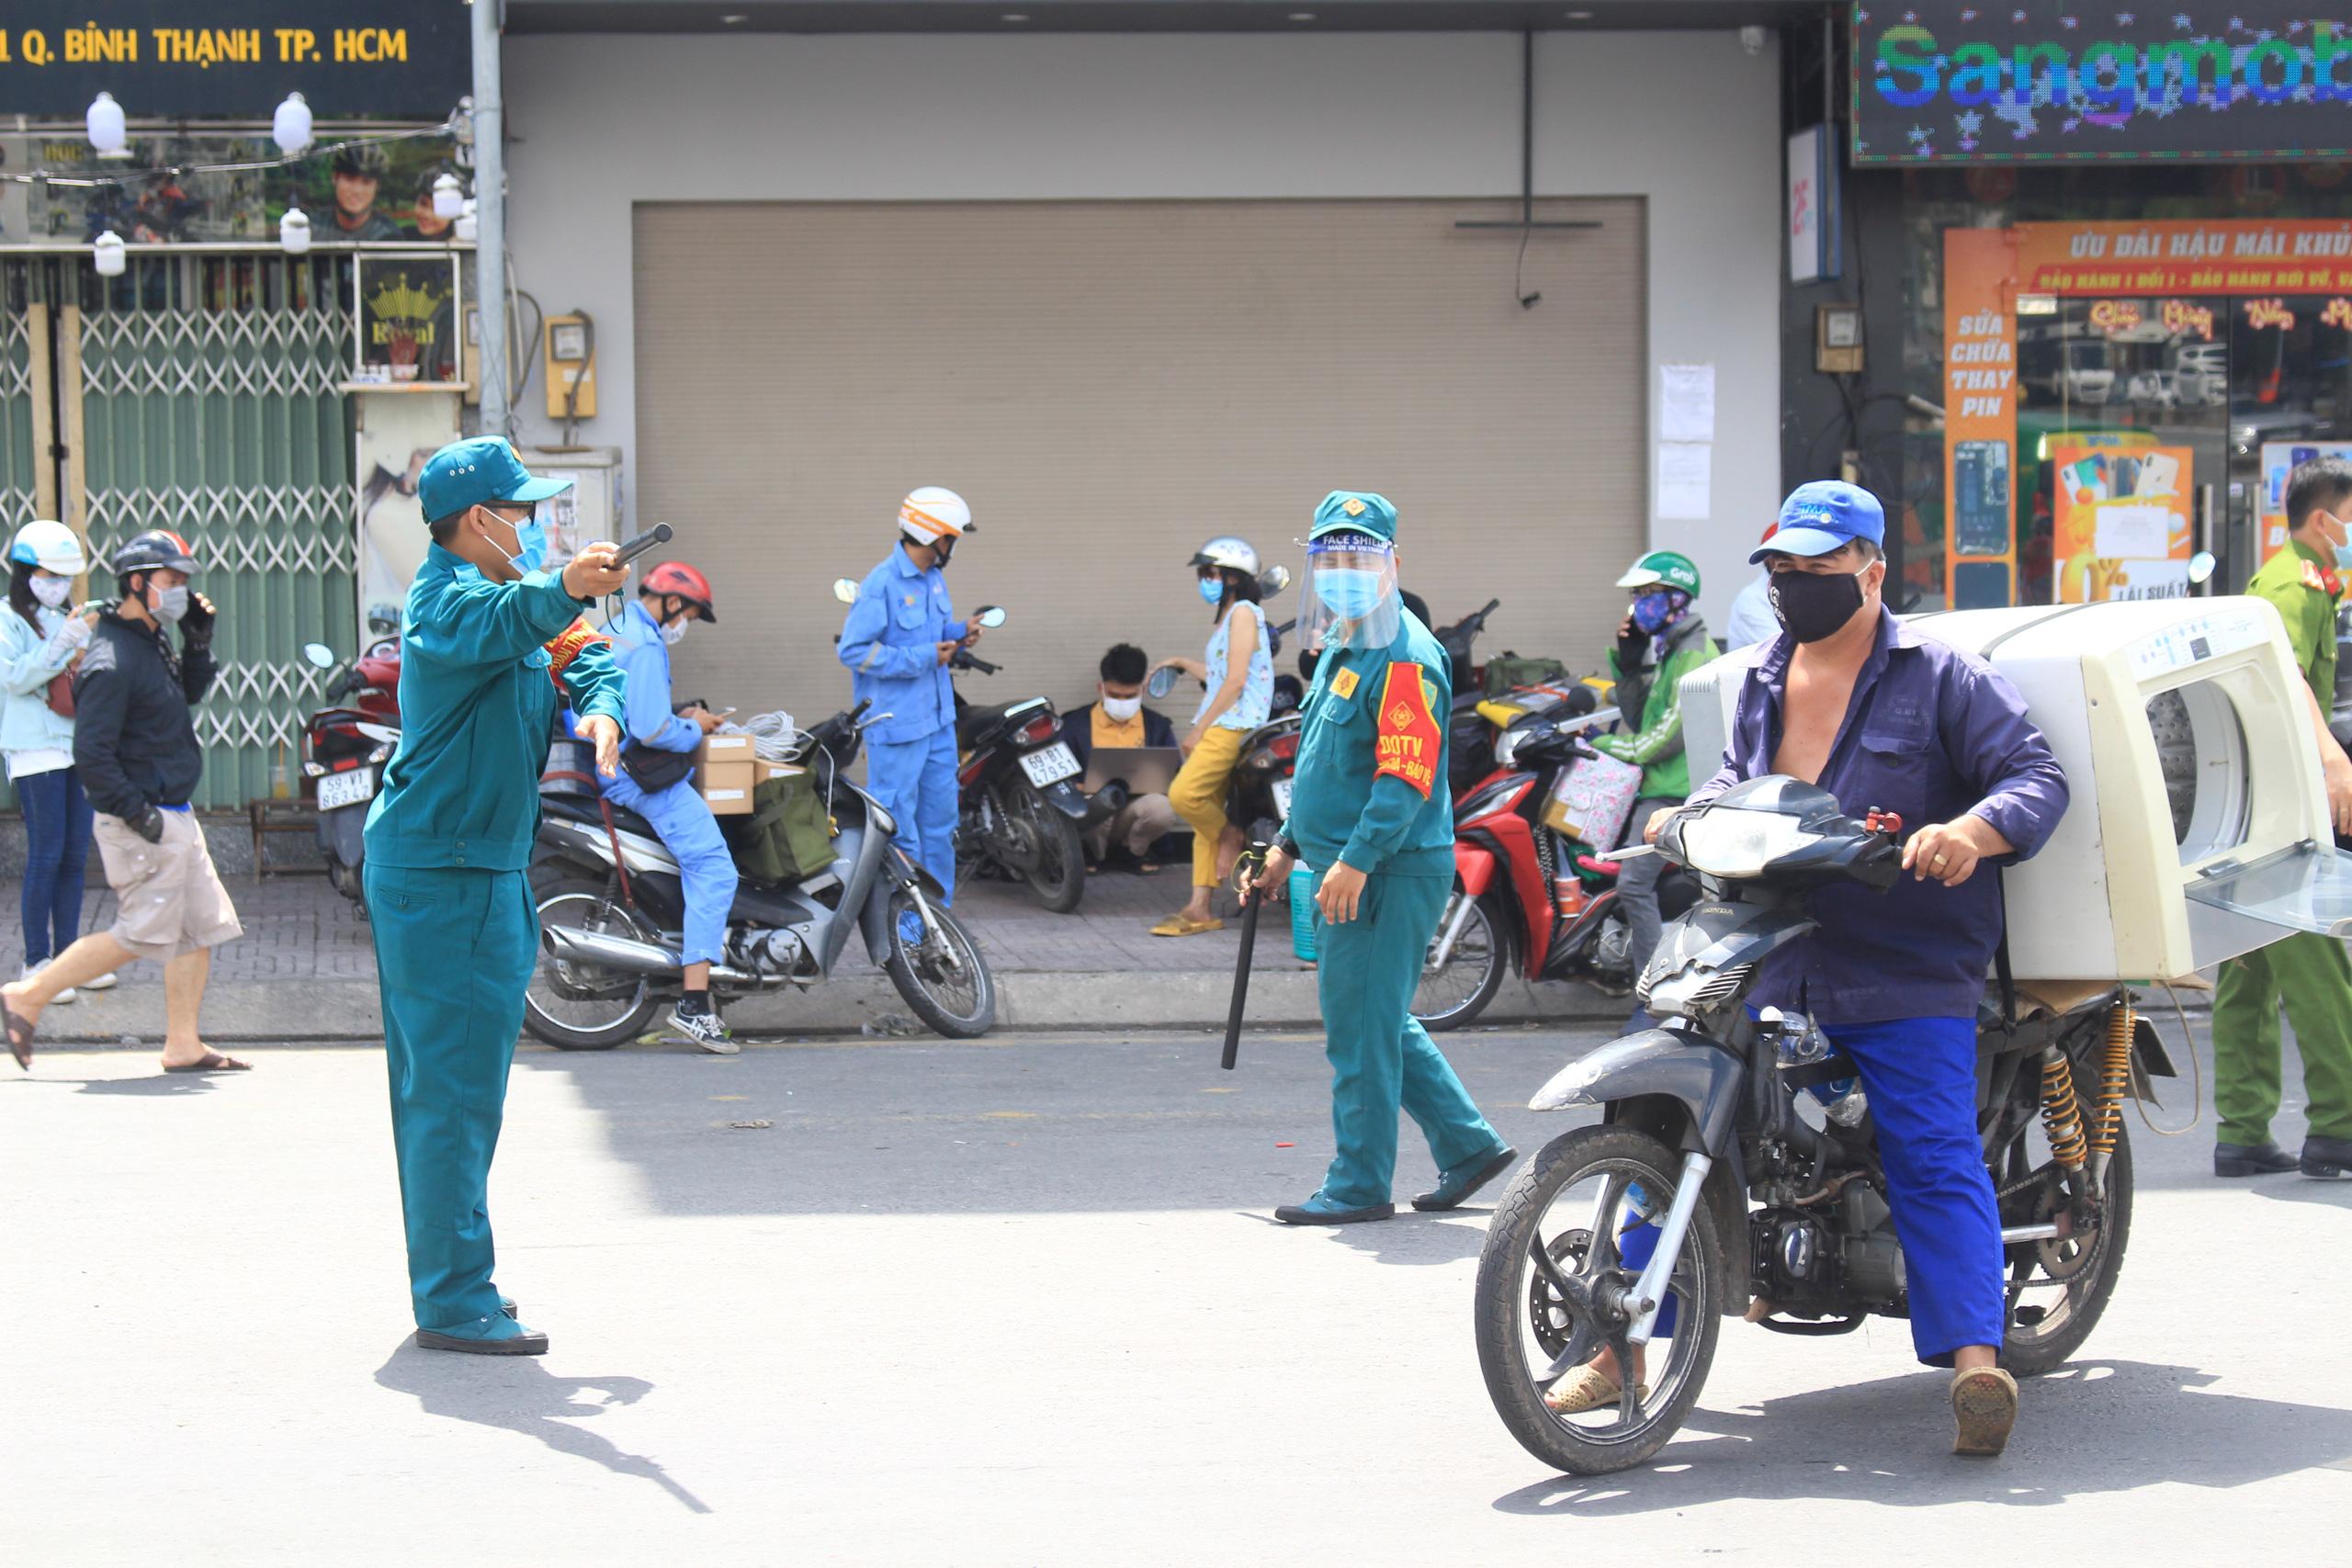 ẢNH: Ngày đầu giãn cách xã hội, đường TP.HCM không kẹt xe từ sáng tới chiều, Gò Vấp tạm dỡ chốt phong tỏa - Ảnh 15.